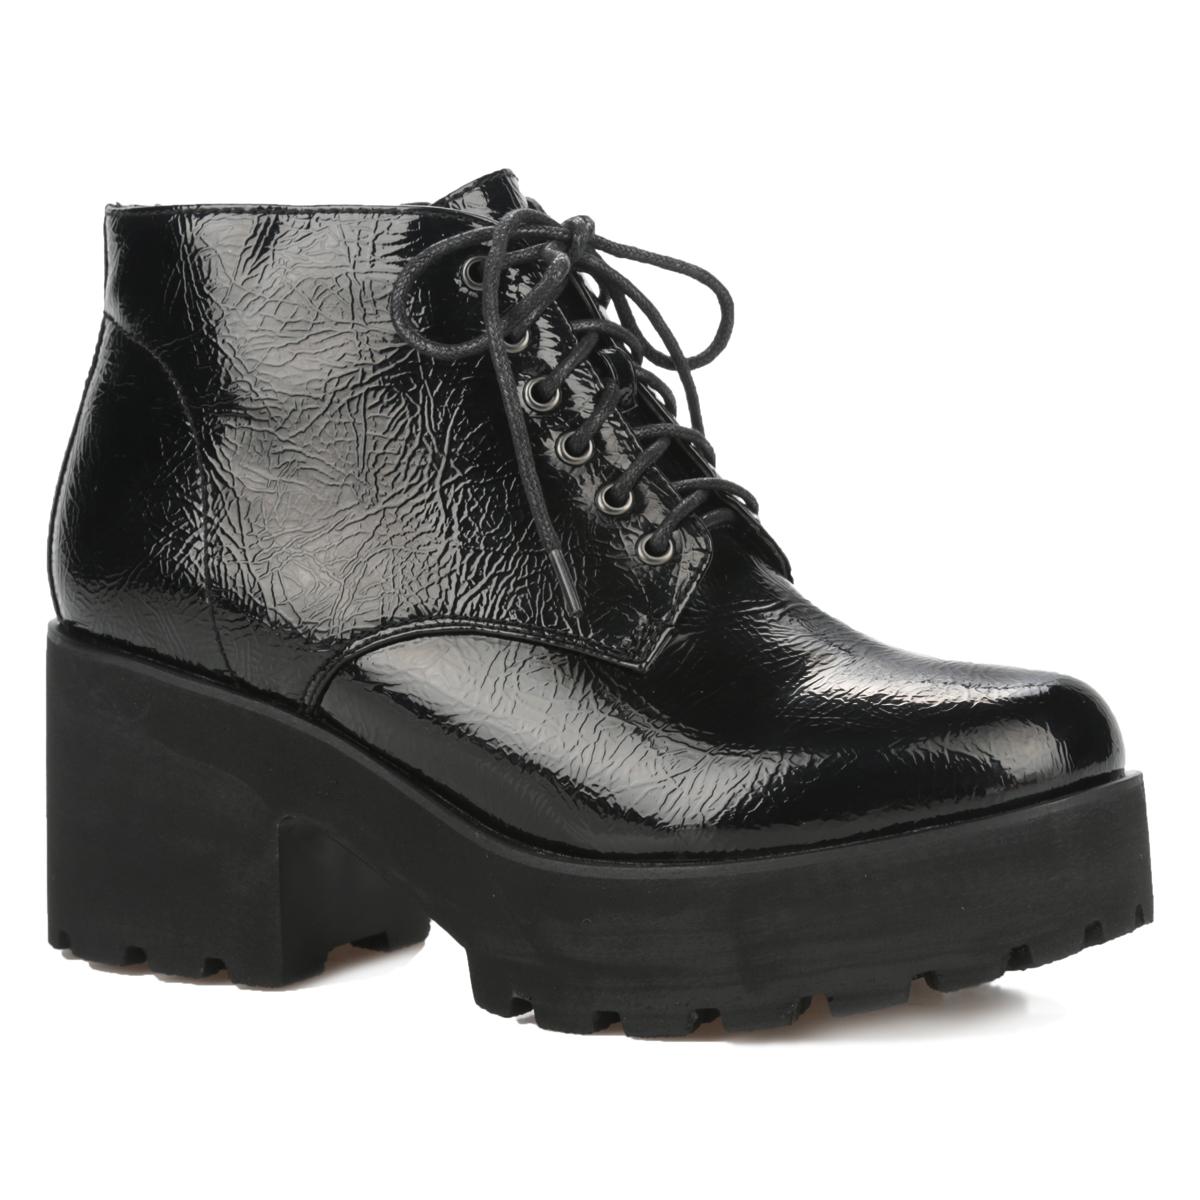 Ботинки женские. 06-10-01A06-10-01AТрендовые женские ботинки от Makfly не оставят равнодушной настоящую модницу! Модель изготовлена из искусственного лака с фактурным тиснением и оформлена задним наружным ремнем. Ботинки застегиваются на удобную застежку-молнию, расположенную на боковой стороне. Шнуровка позволит оптимально зафиксировать обувь на вашей ноге. Подкладка и стелька выполнены из байки. Каблук и подошва с рифленым протектором обеспечивают идеальное сцепление с любой поверхностью. Ультрамодные ботинки помогут вам создать запоминающийся образ и подчеркнут вашу индивидуальность.